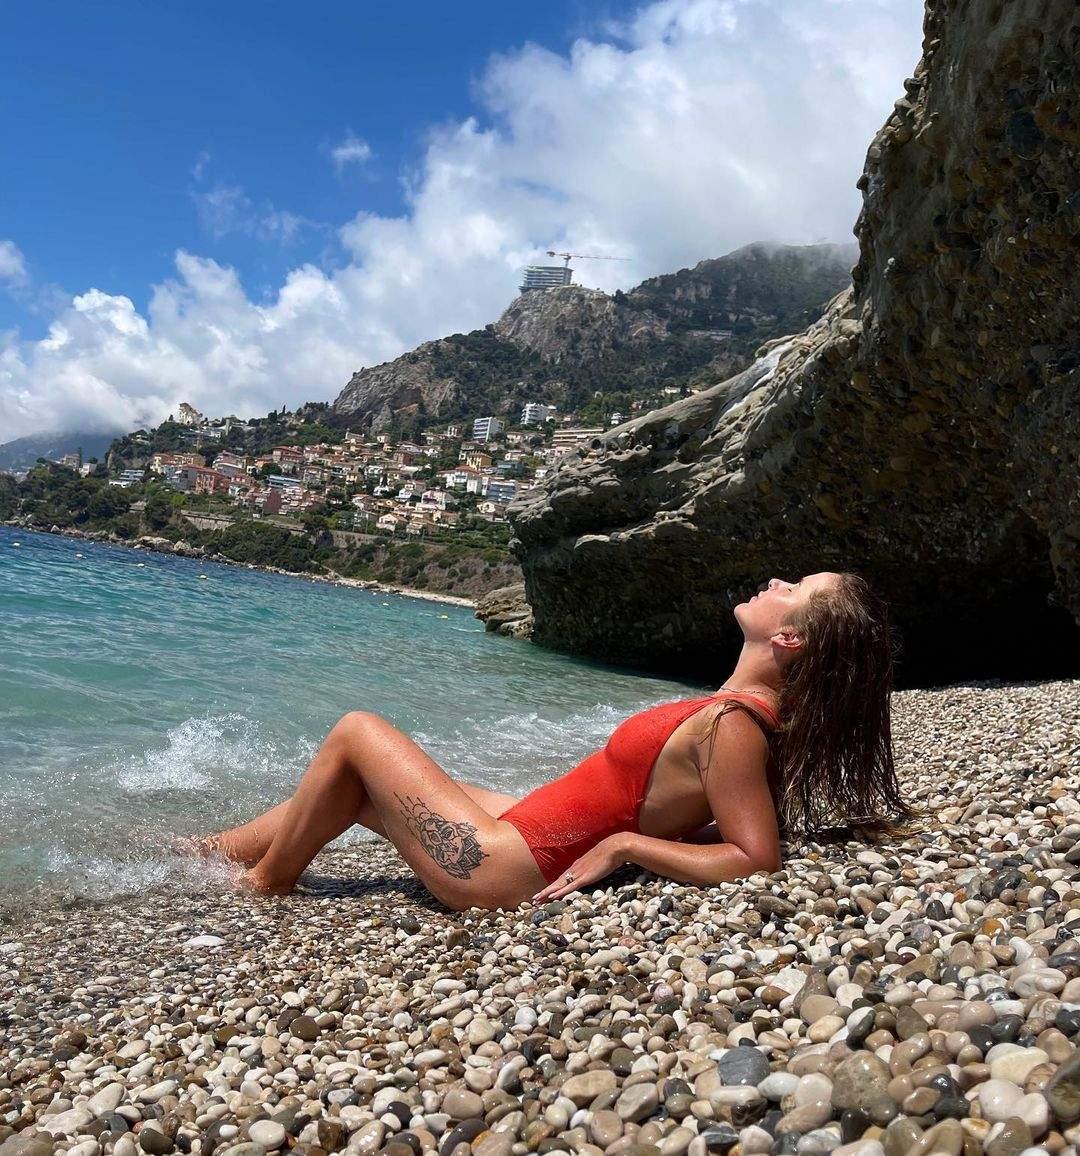 Еліна Світоліна часто знімається у купальниках